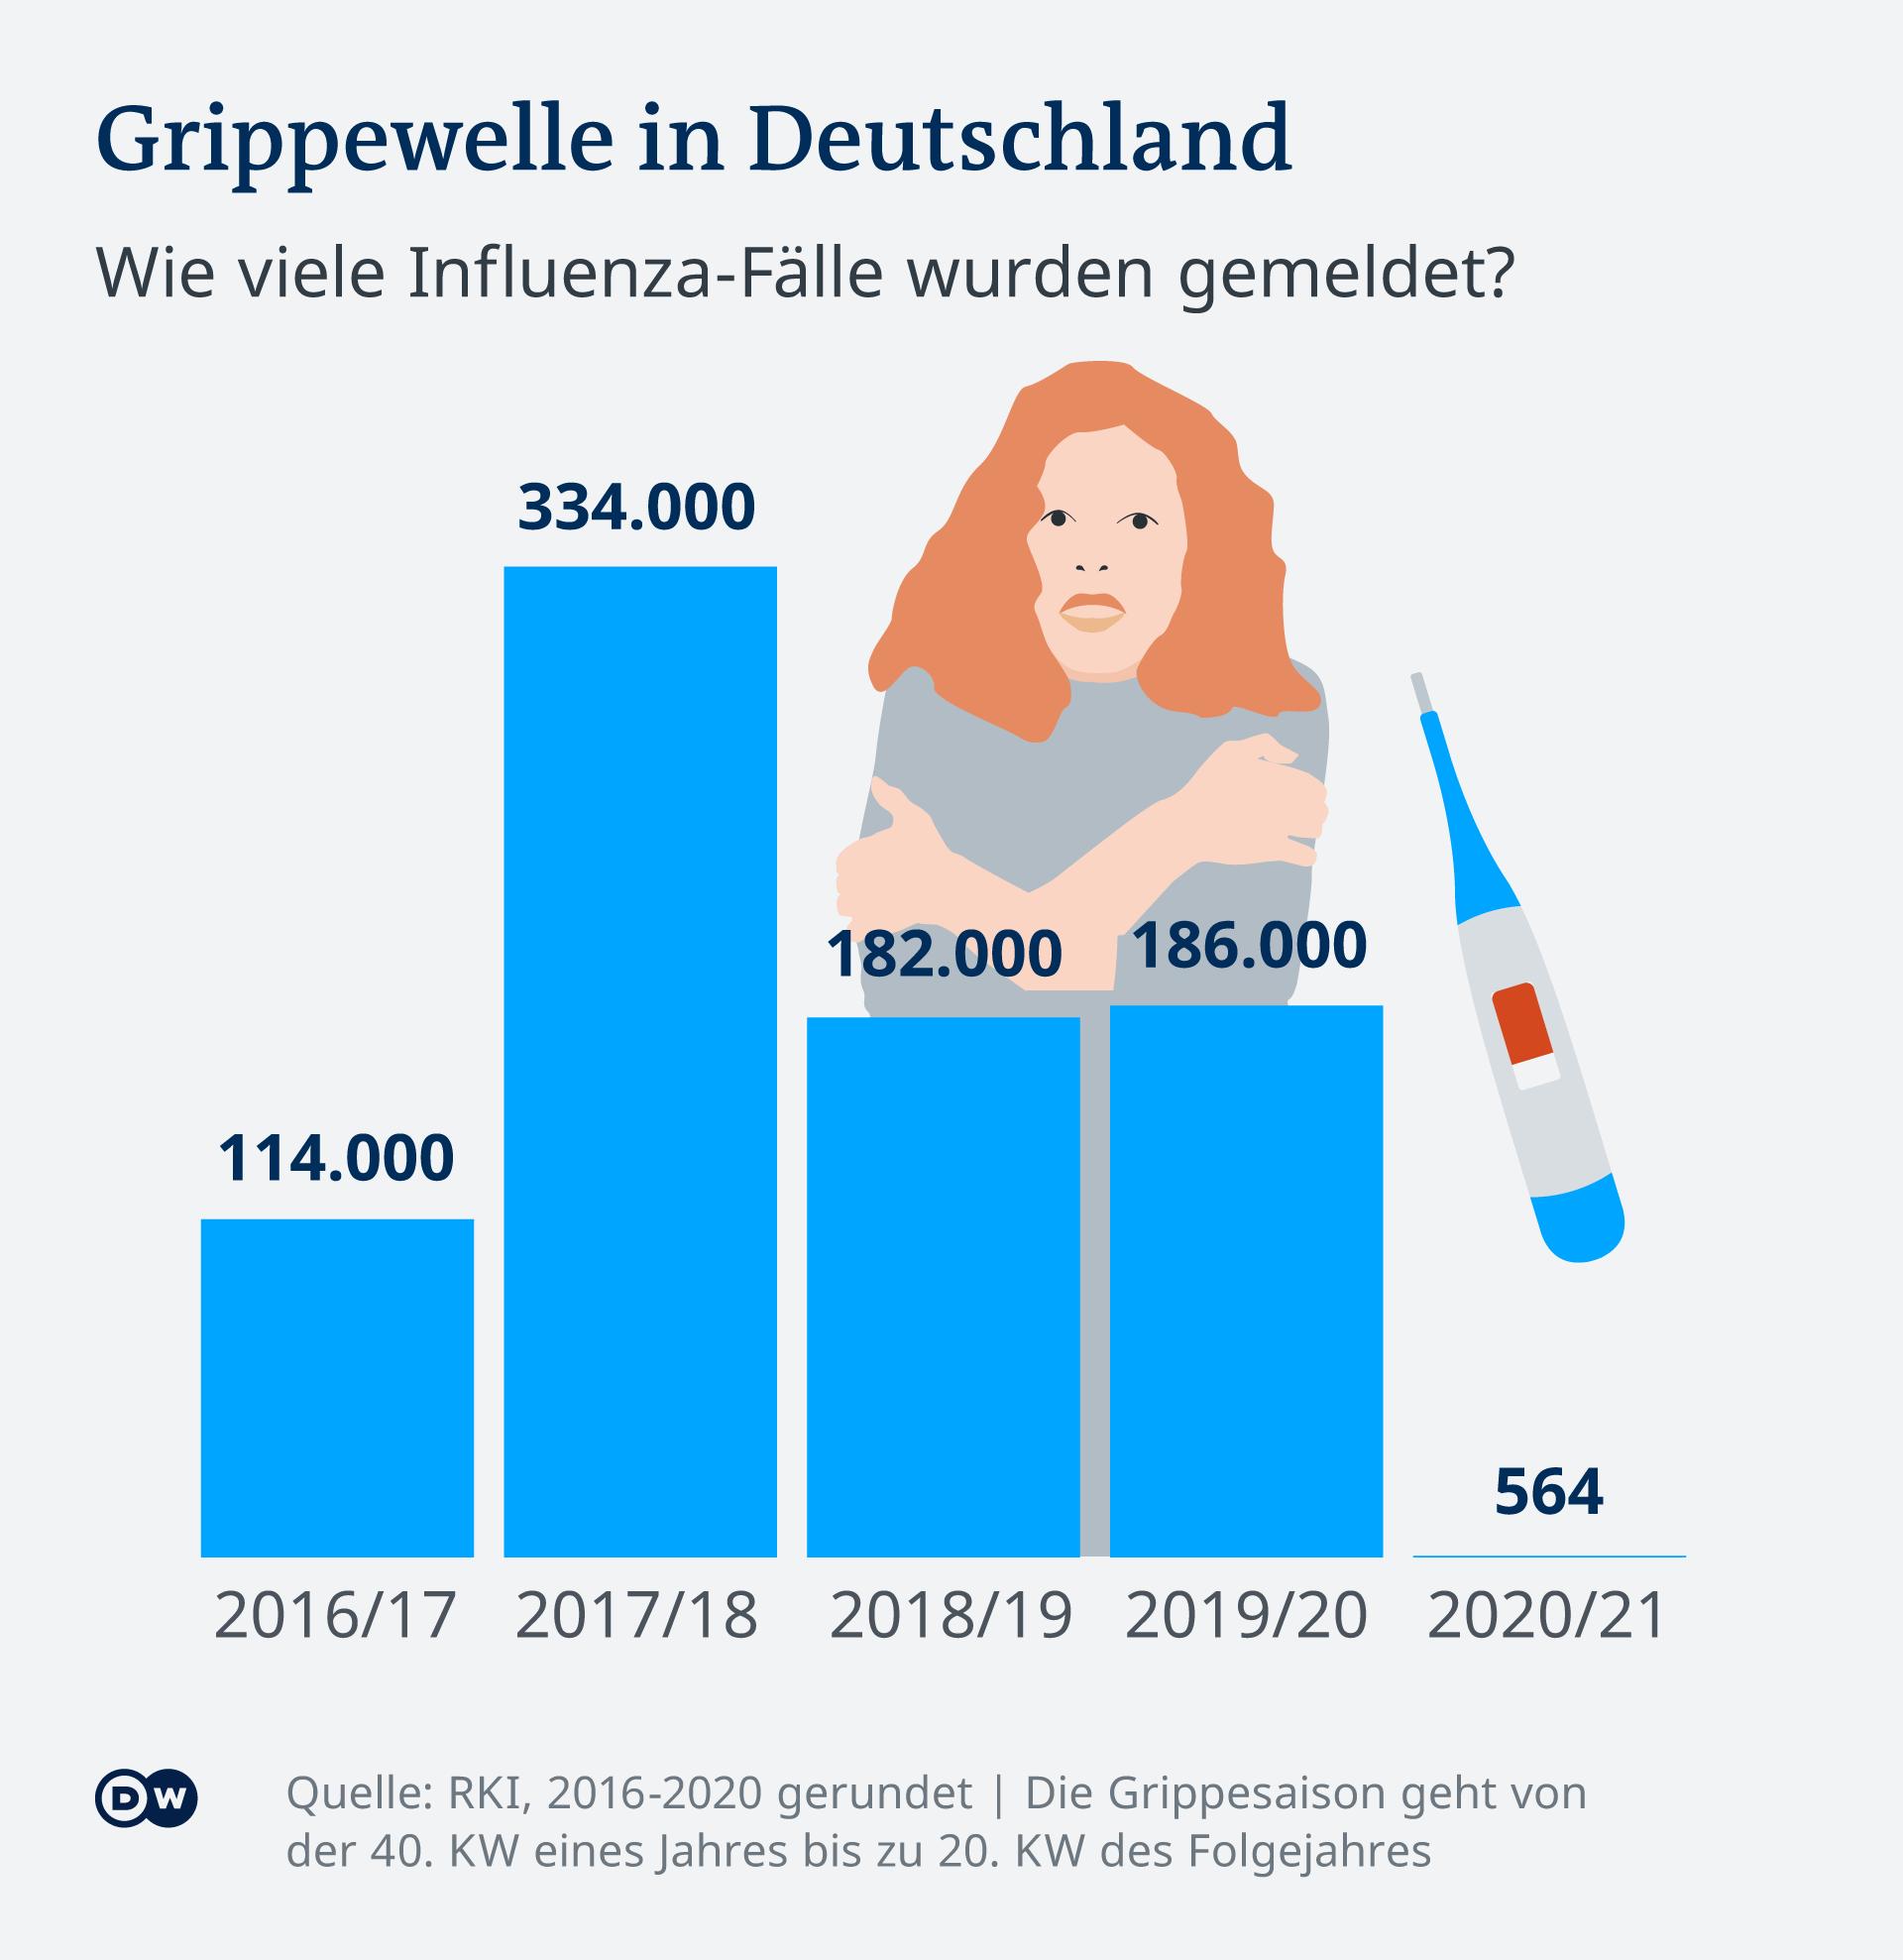 Infografik: Die Grippewelle 2020/2021 blieb quasi aus. 564 Fälle wurden gemeldet, um die 180.000 waren es in den zwei Saisons davor.